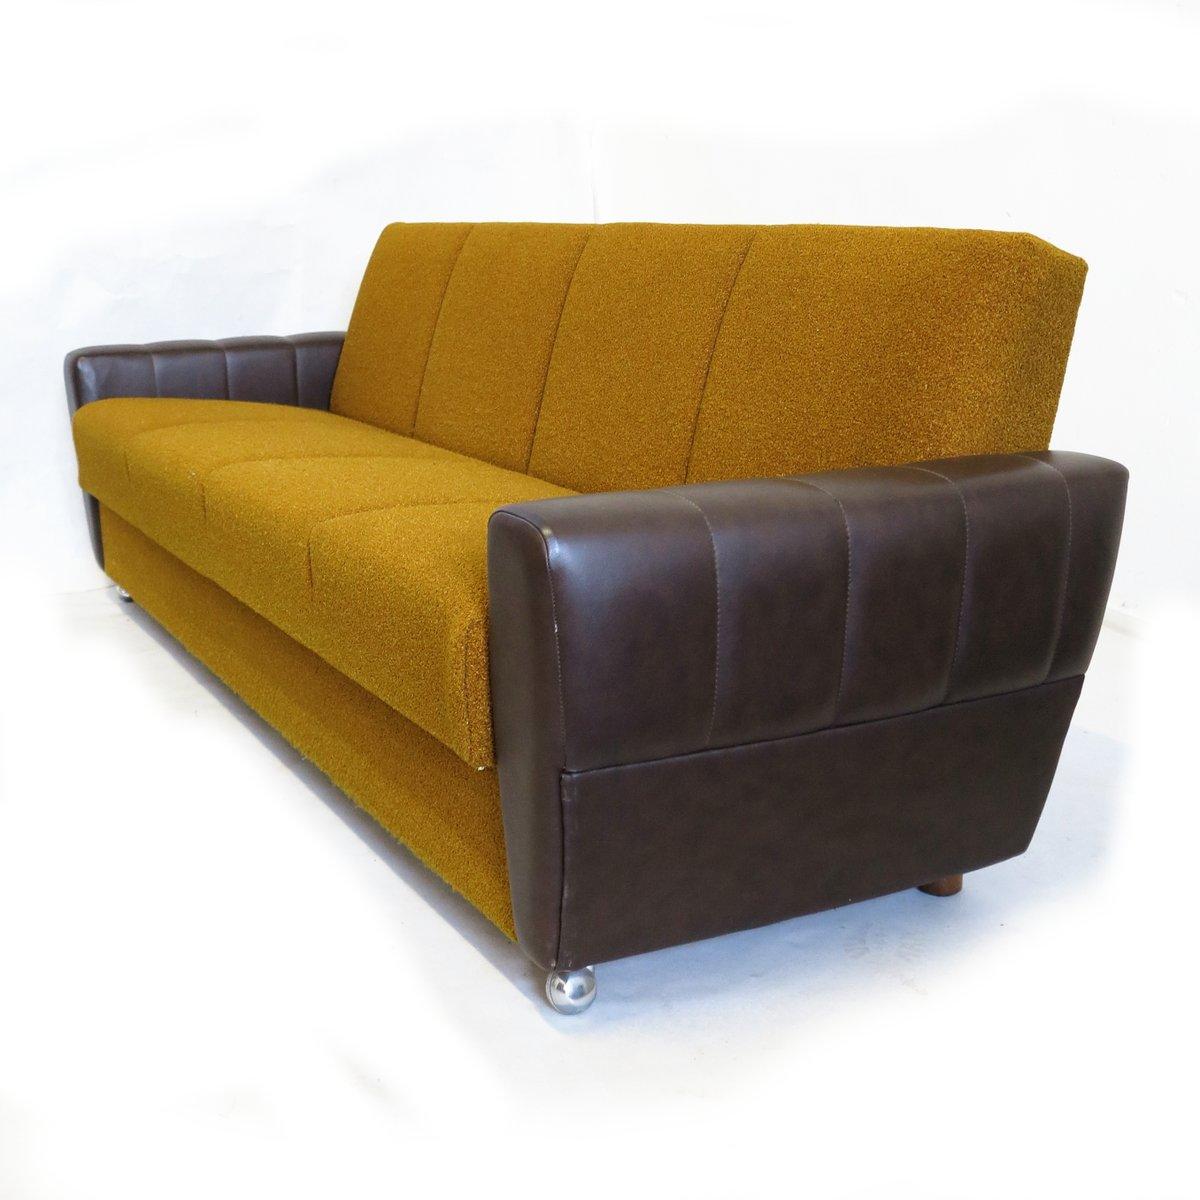 vintage schlafsofa aus deutschland bei pamono kaufen. Black Bedroom Furniture Sets. Home Design Ideas